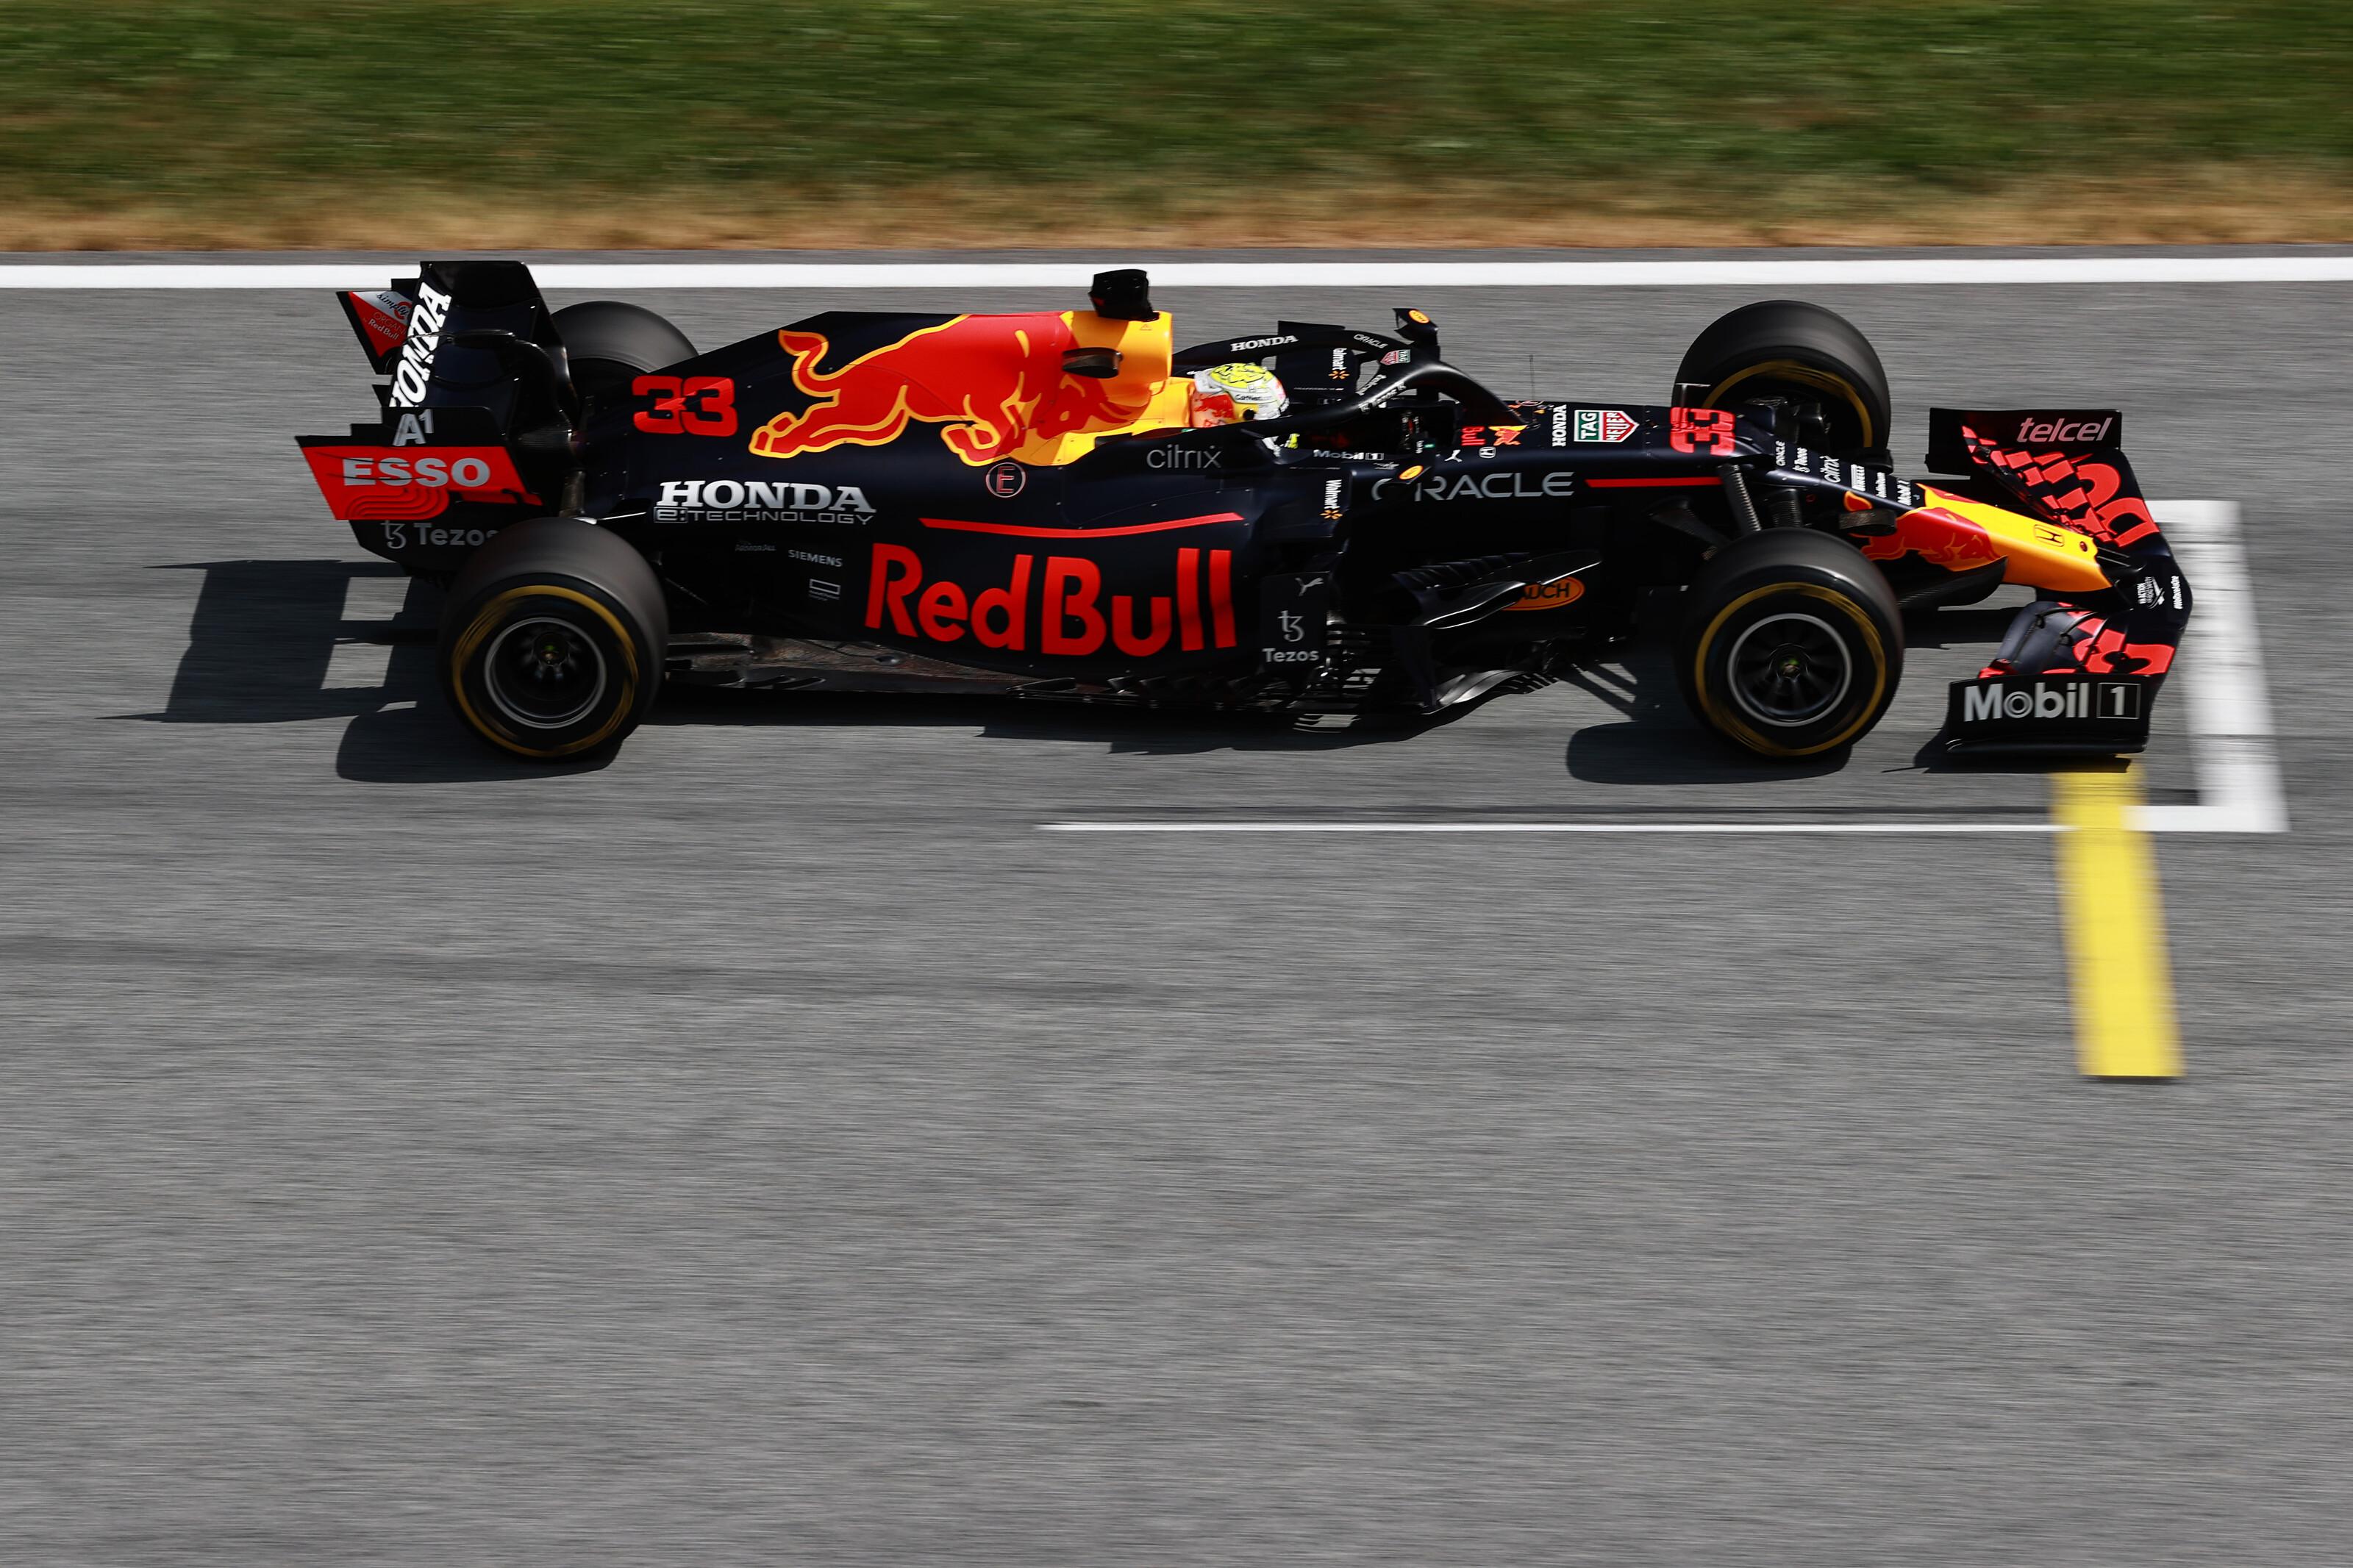 F1: Rajt-cél győzelemmel dominált Verstappen a Red Bull pályáján